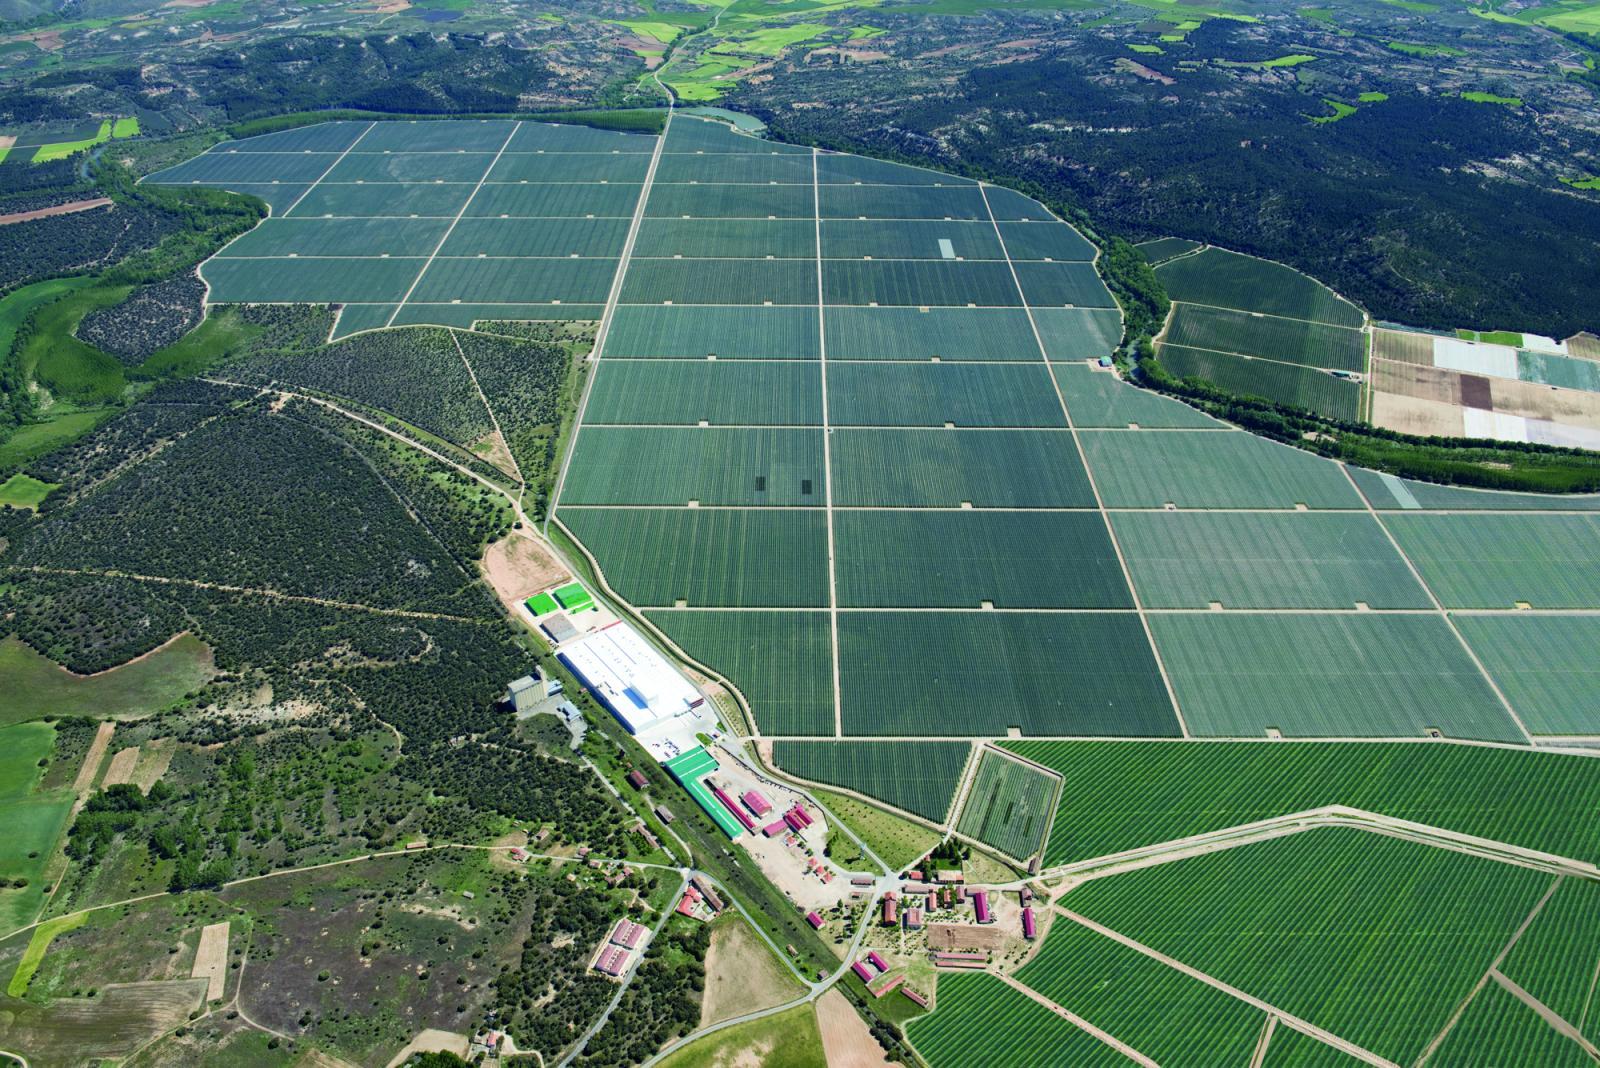 Nufri prevé recolectar 25 millones de kilos de manzanas en finca La Rasa (Soria)